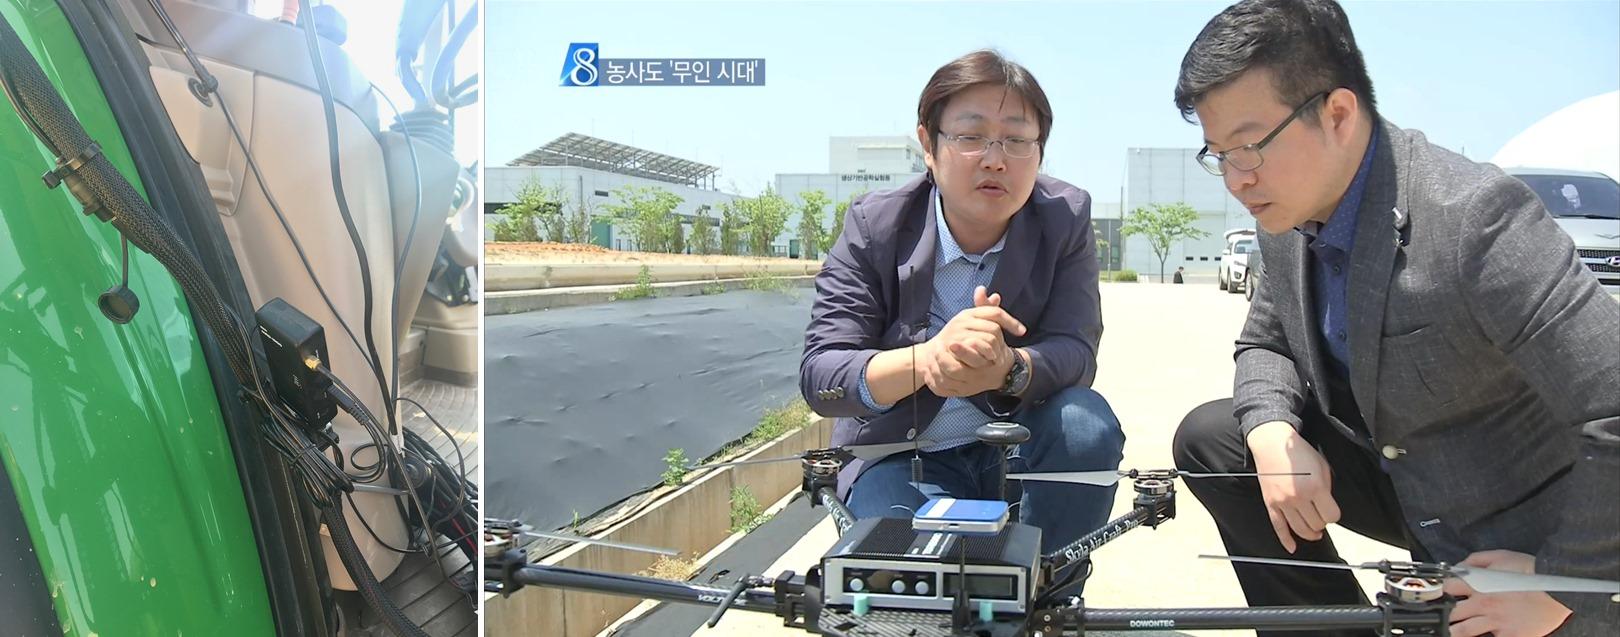 자율주행 트랙터 'MRD-1000' 부착 모습, MBC 뉴스데스크 영상